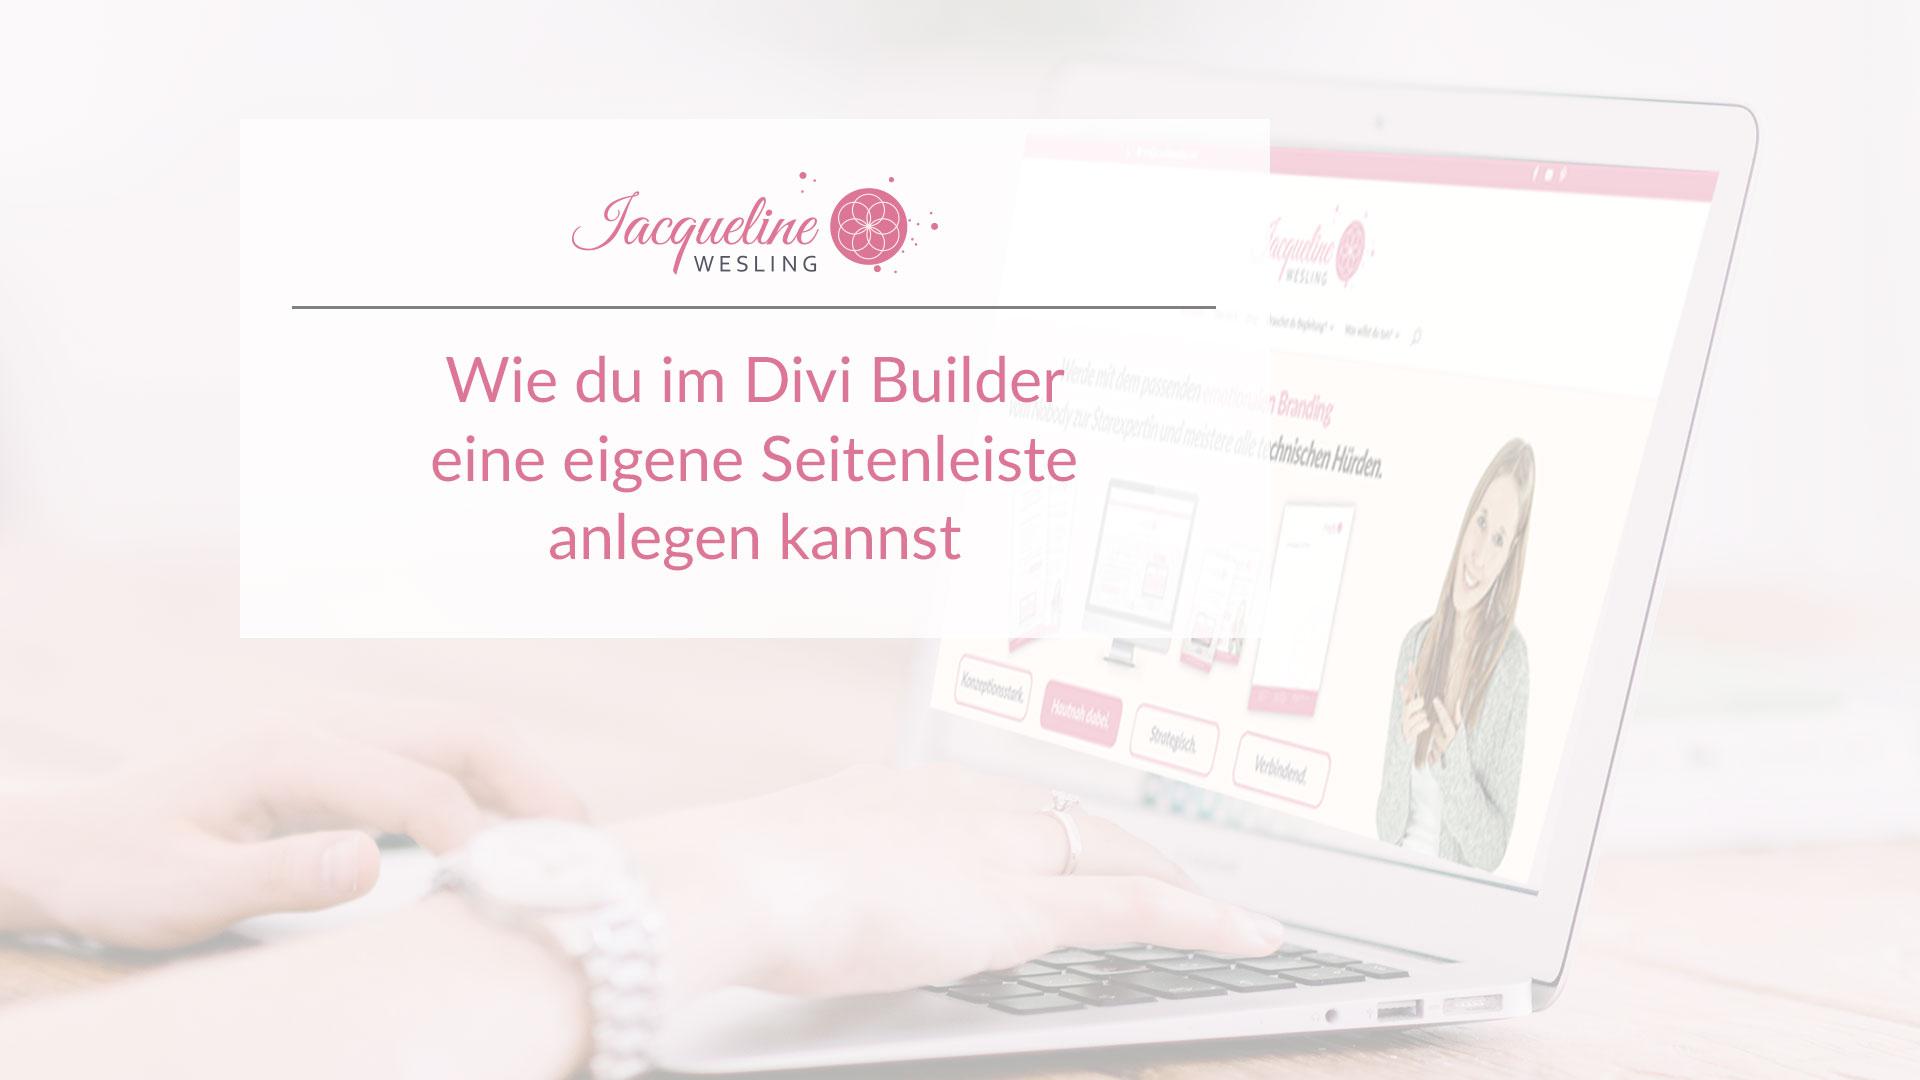 Wie-du-im-Divi-Builder-eine-eigene-Seitenleiste-anlegen-kannst